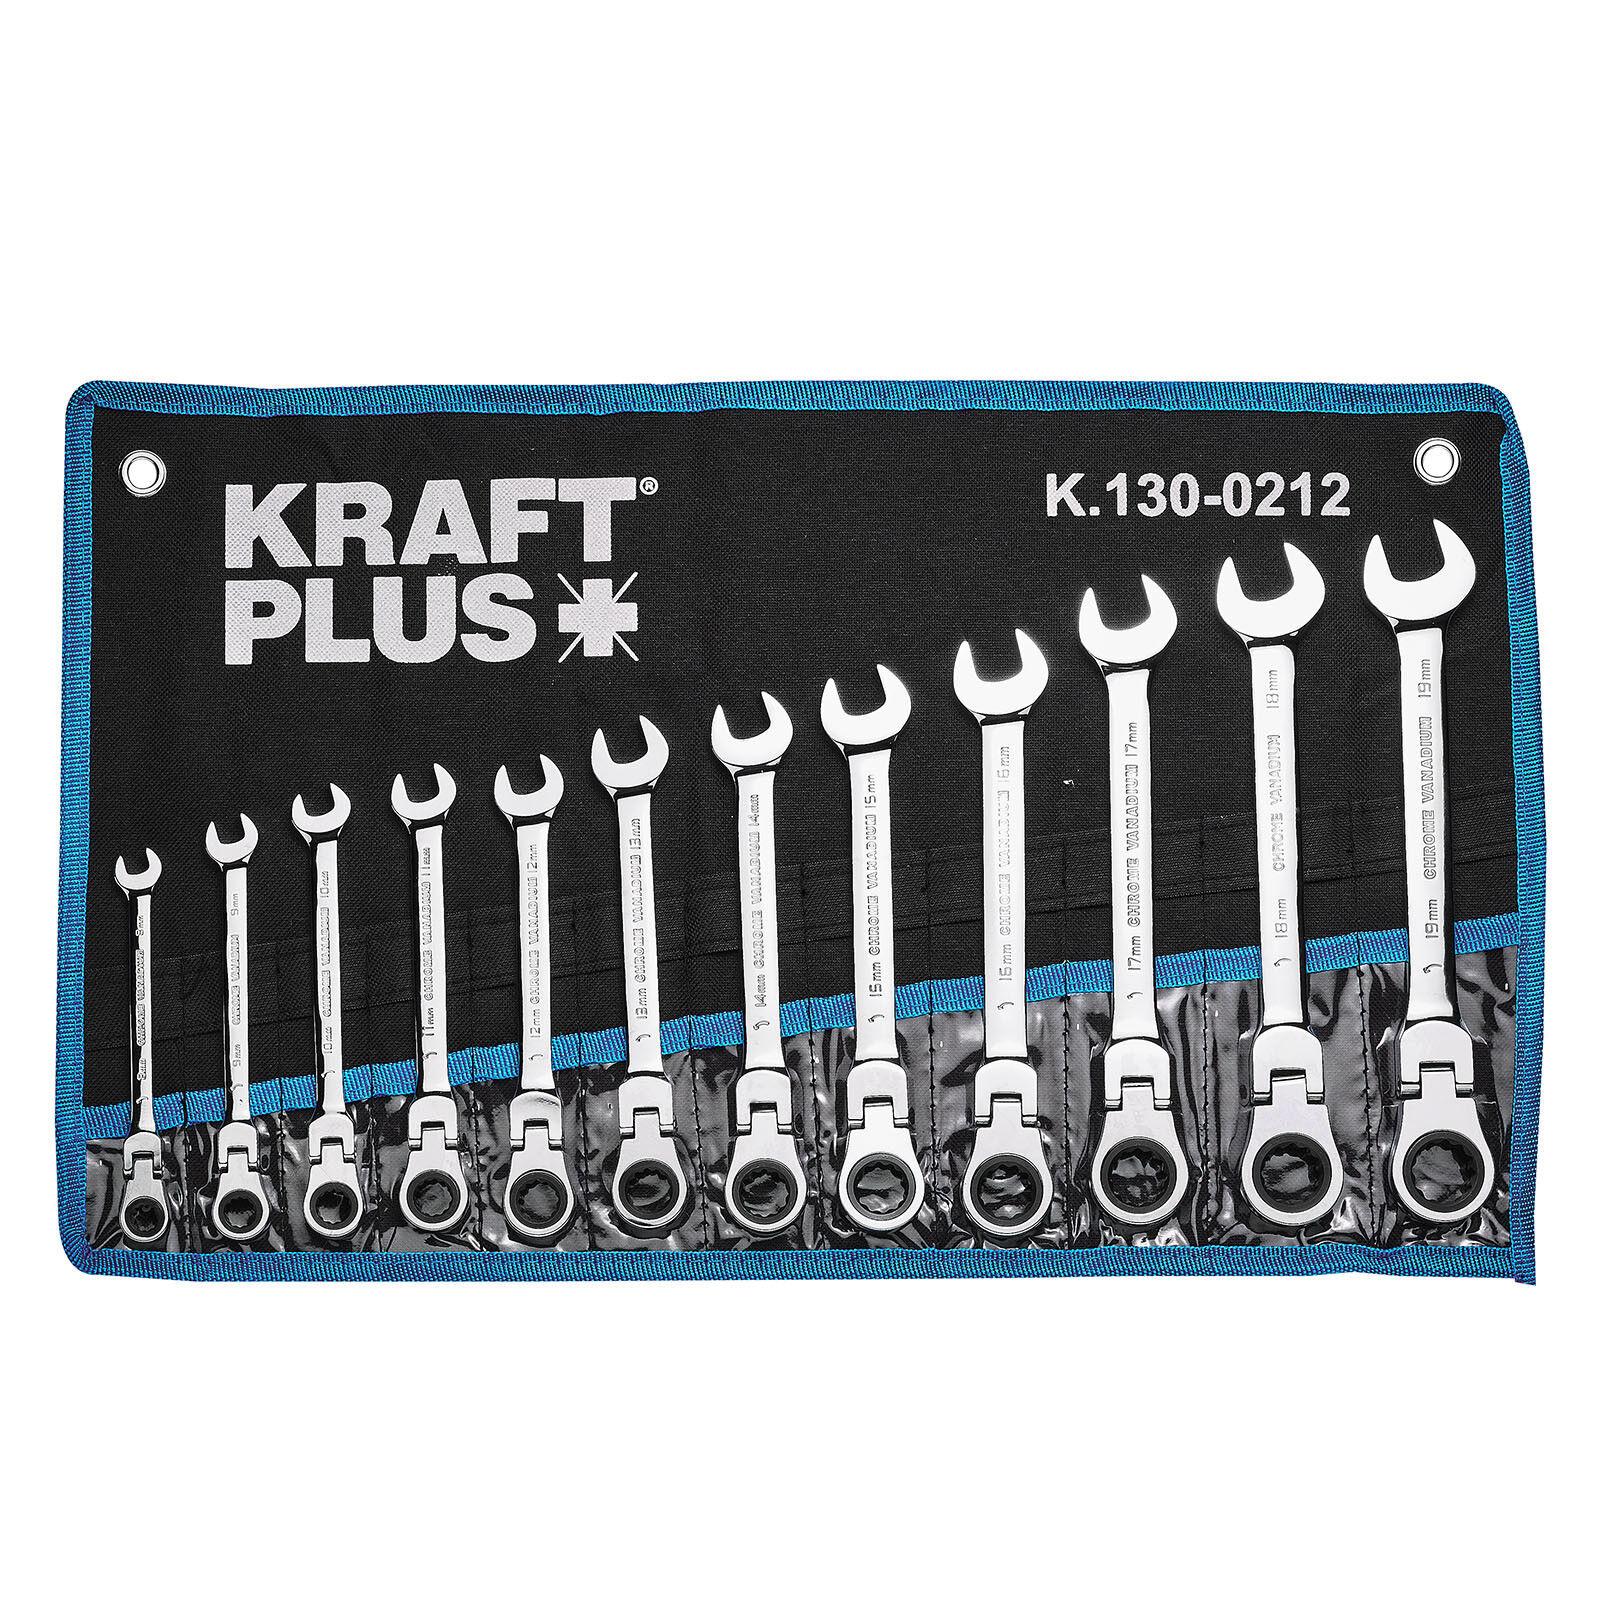 KRAFTPLUS® K.130-0212 Gelenk Ratschenschlüssel SW 8-19 mm Ring Maul Schlüssel